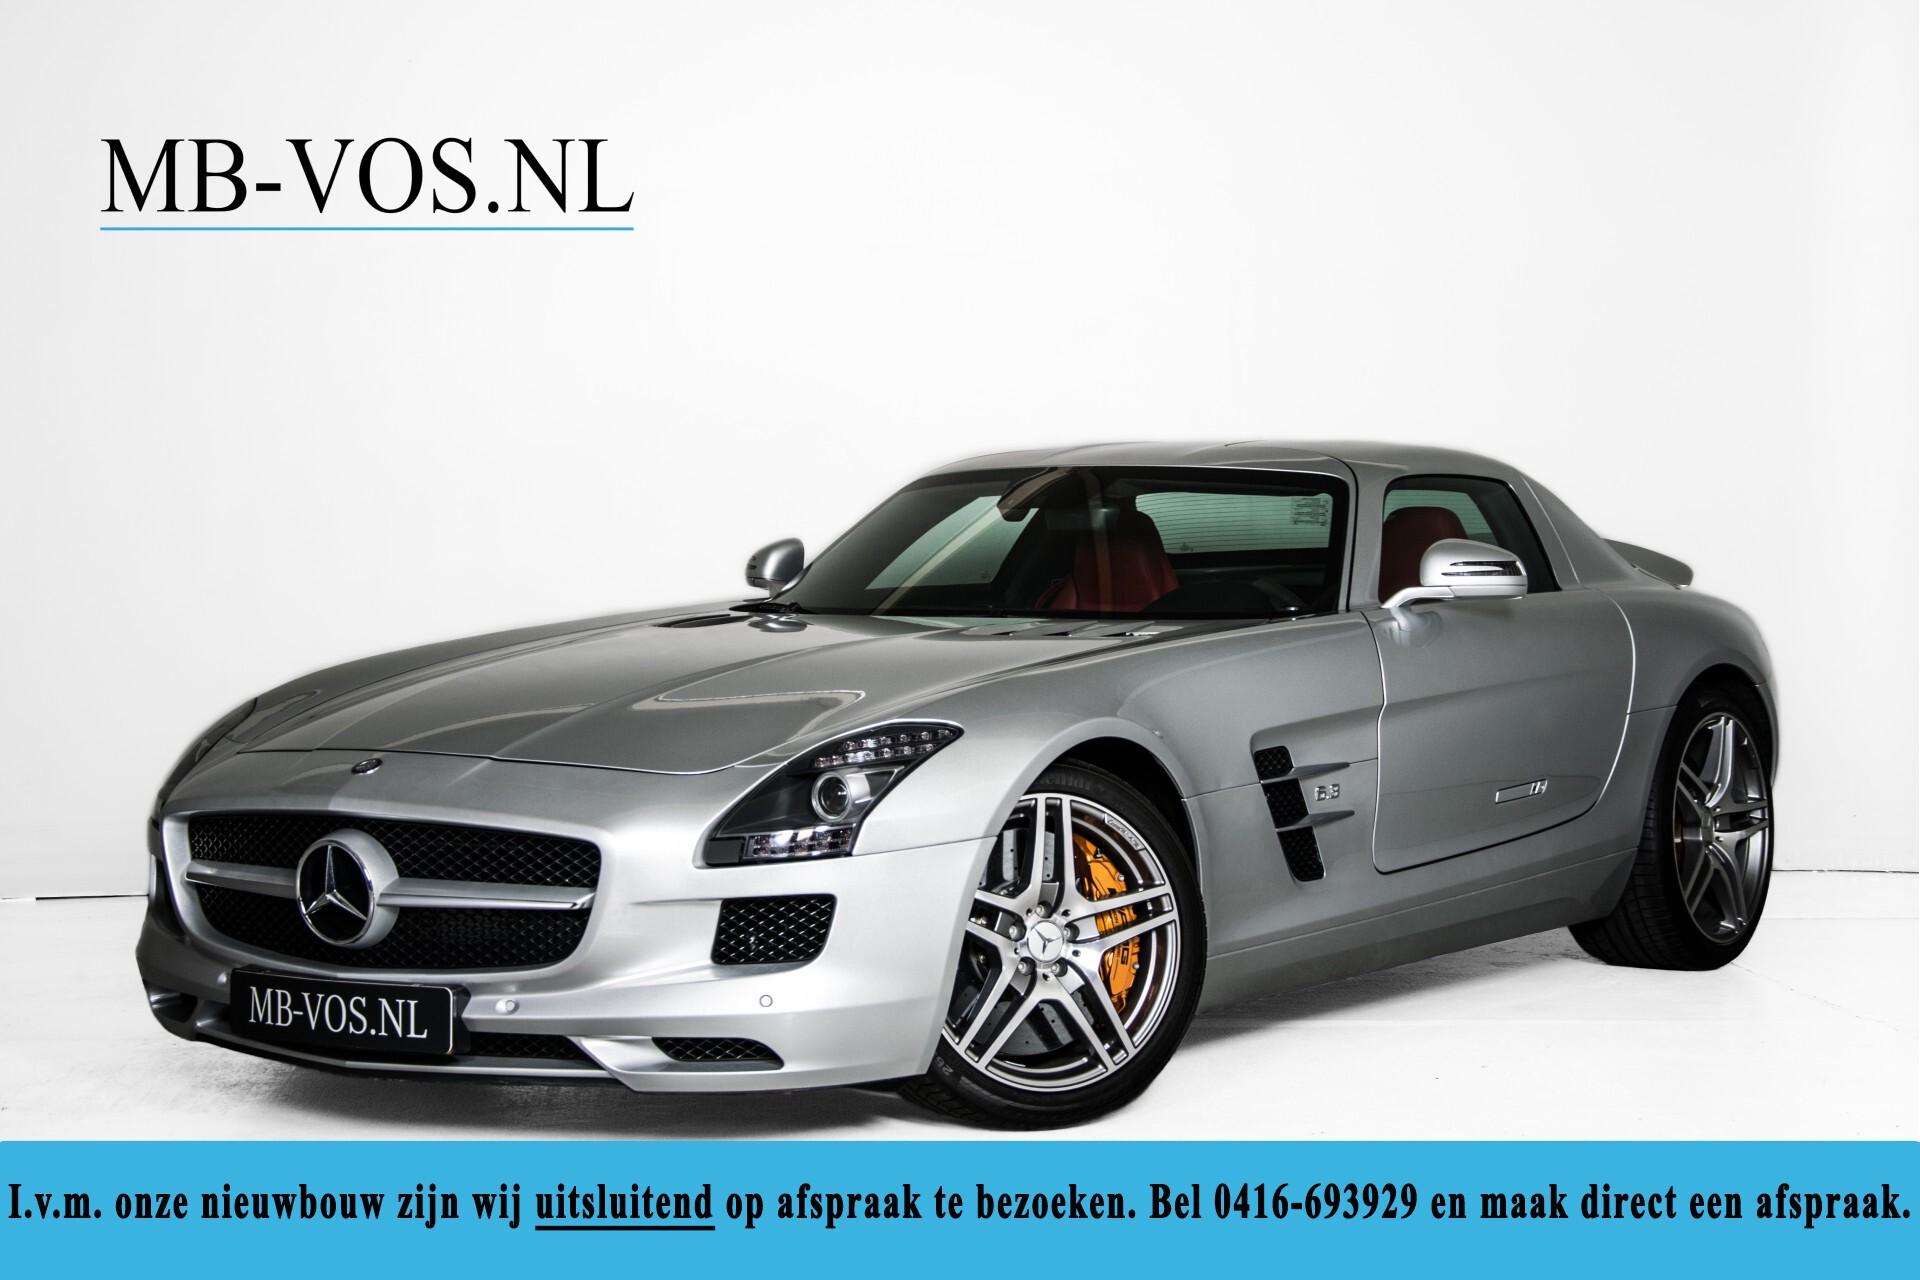 Mercedes-Benz SLS Coupé 6.3 AMG 1ste eigenaar/NL Auto FULL OPTIONS Aut7 Foto 1